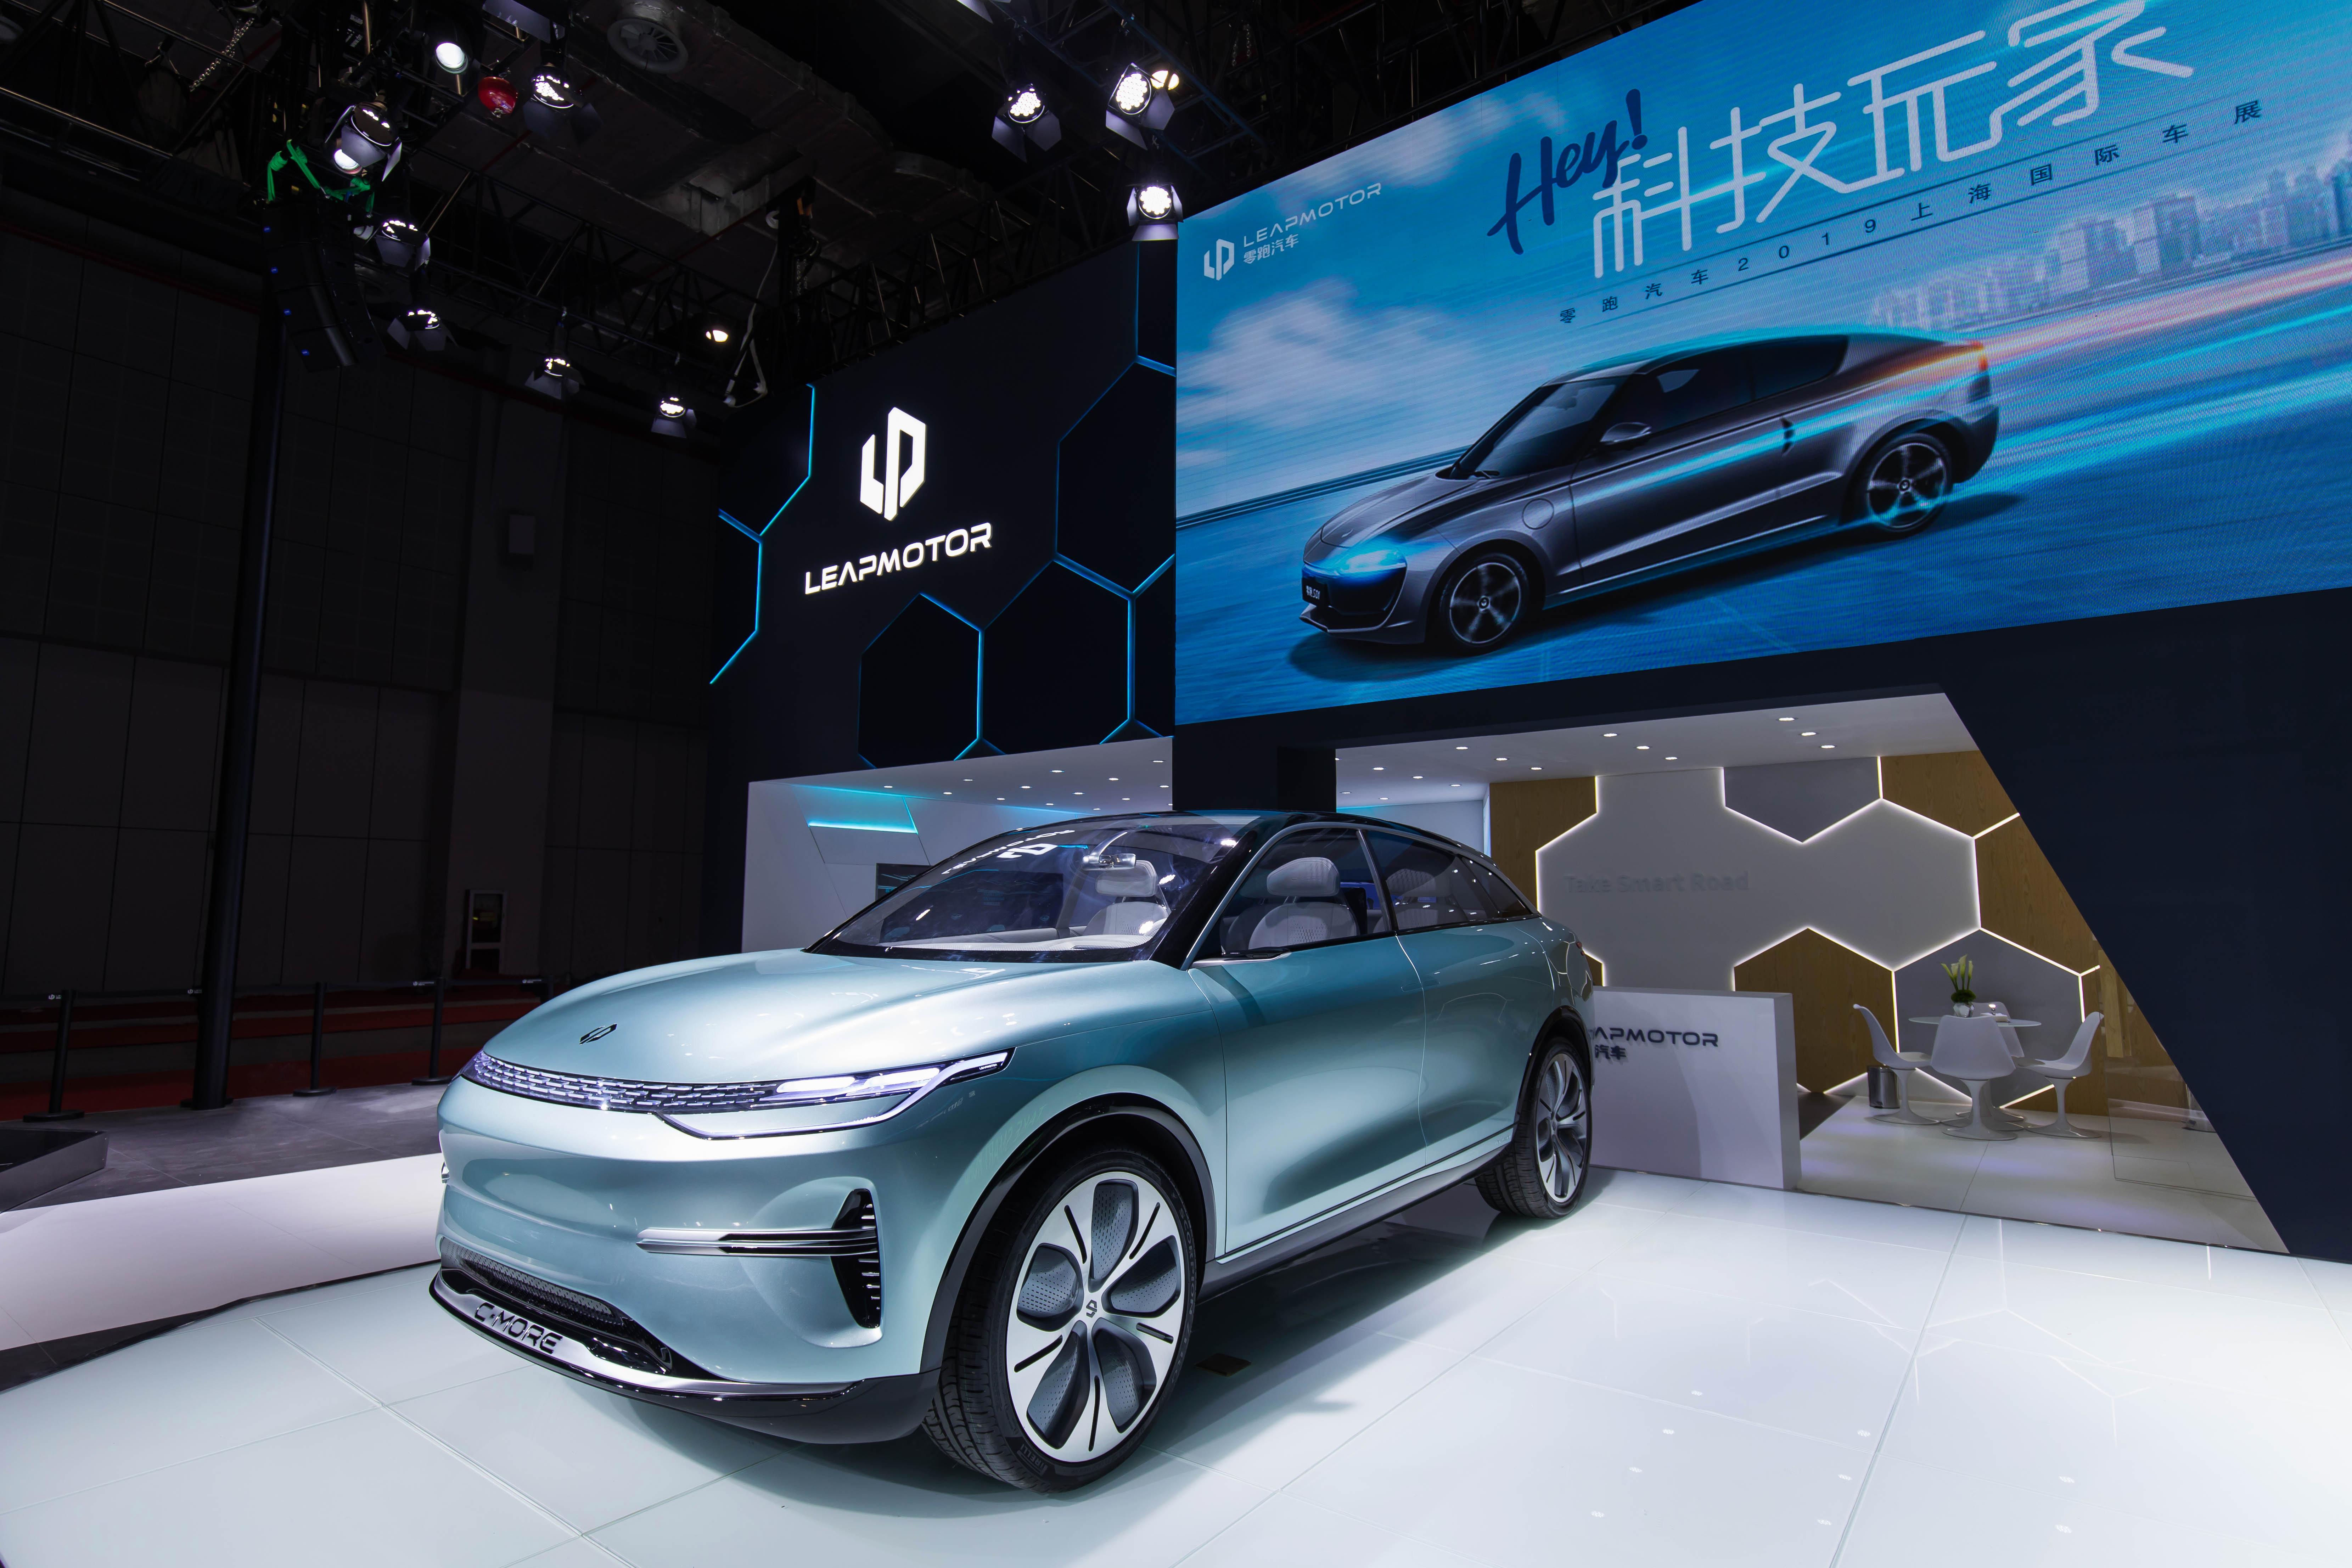 零跑首款SUV车型C-more亮相,搭载L3级自动驾驶,可升级到L4 | 一线车讯